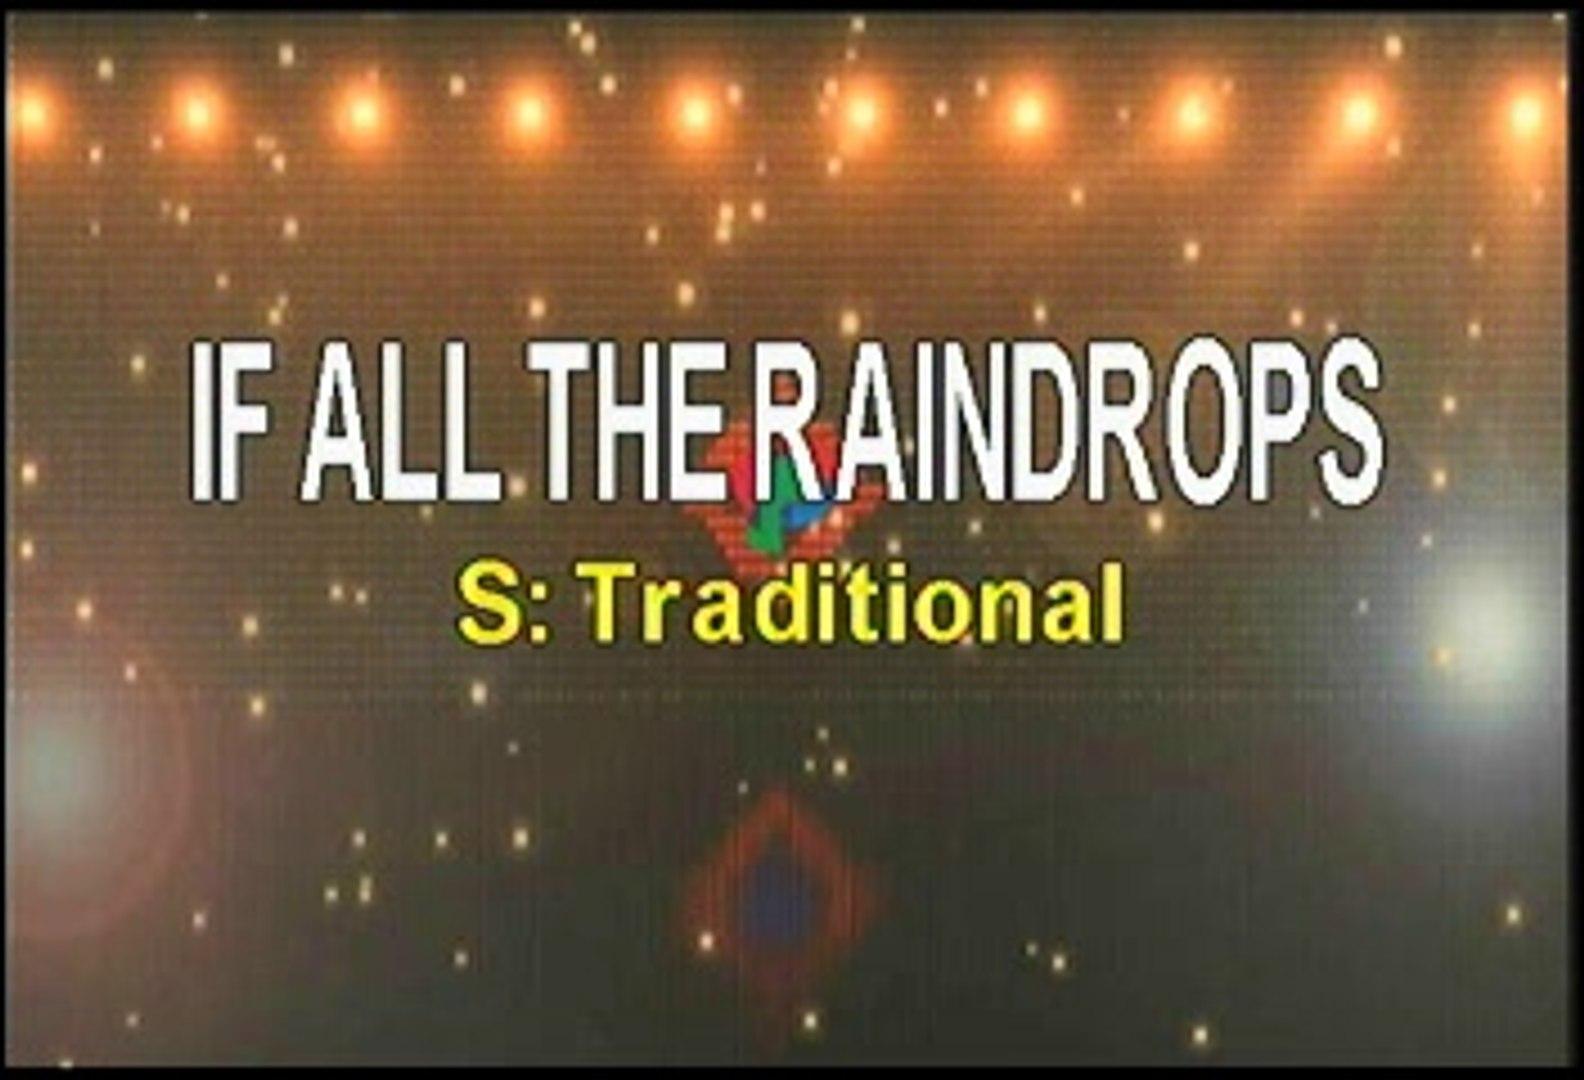 Raindrops gumdrops song lyrics